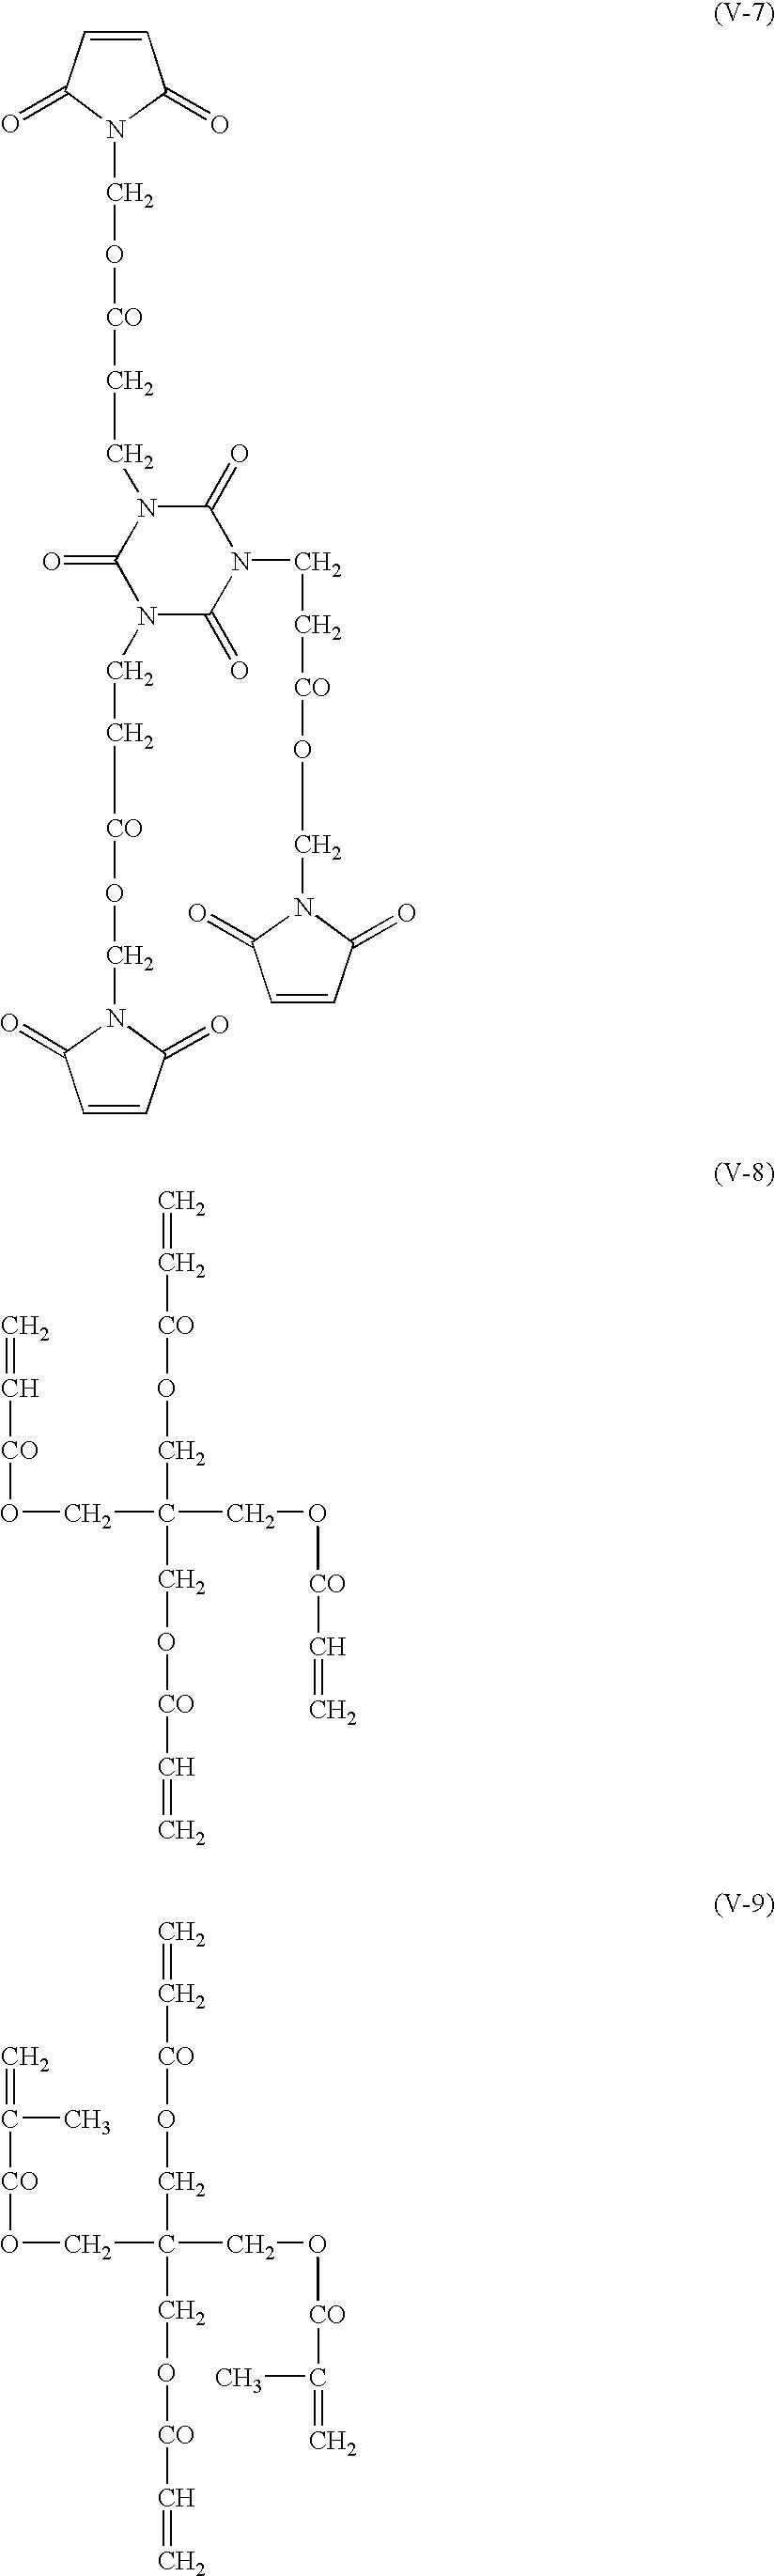 Figure US20030165778A1-20030904-C00037